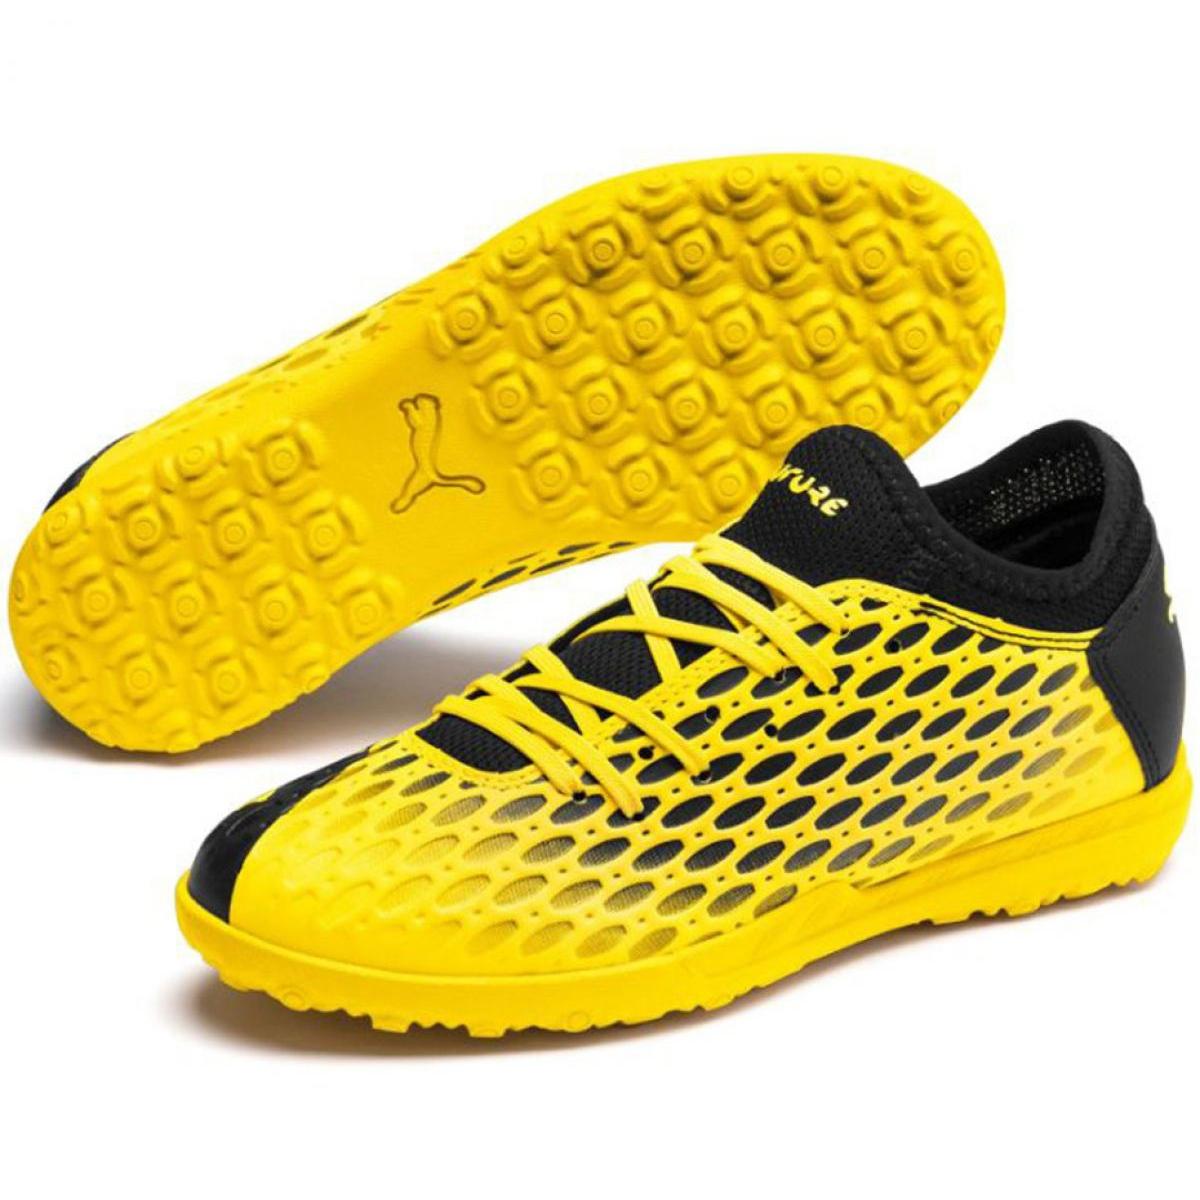 Buty piłkarskie Puma Future 5.4 Tt Jr 105813 03 żółte żółty